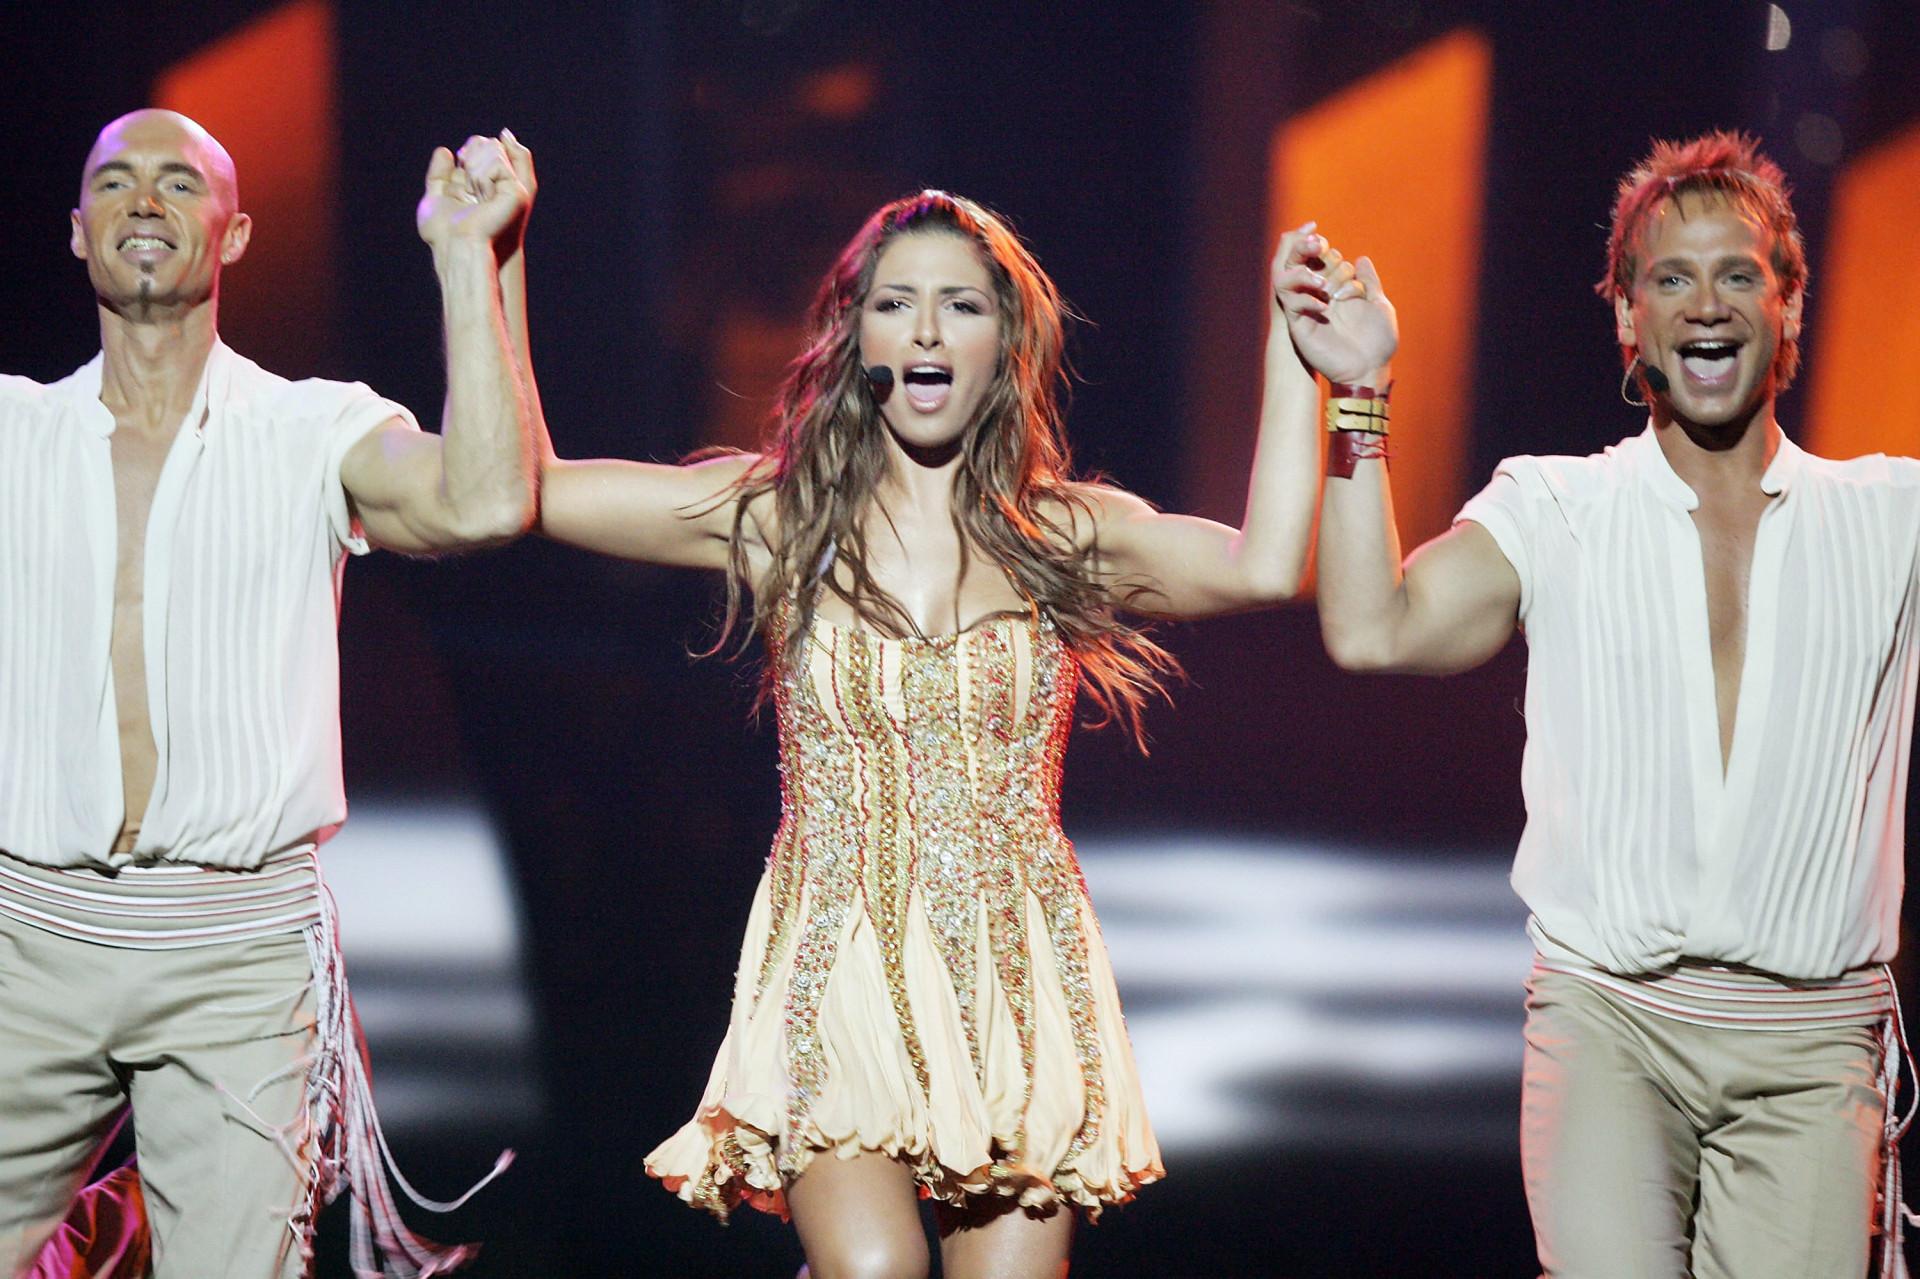 Eurovisão: Os vencedores dos últimos 20 anos